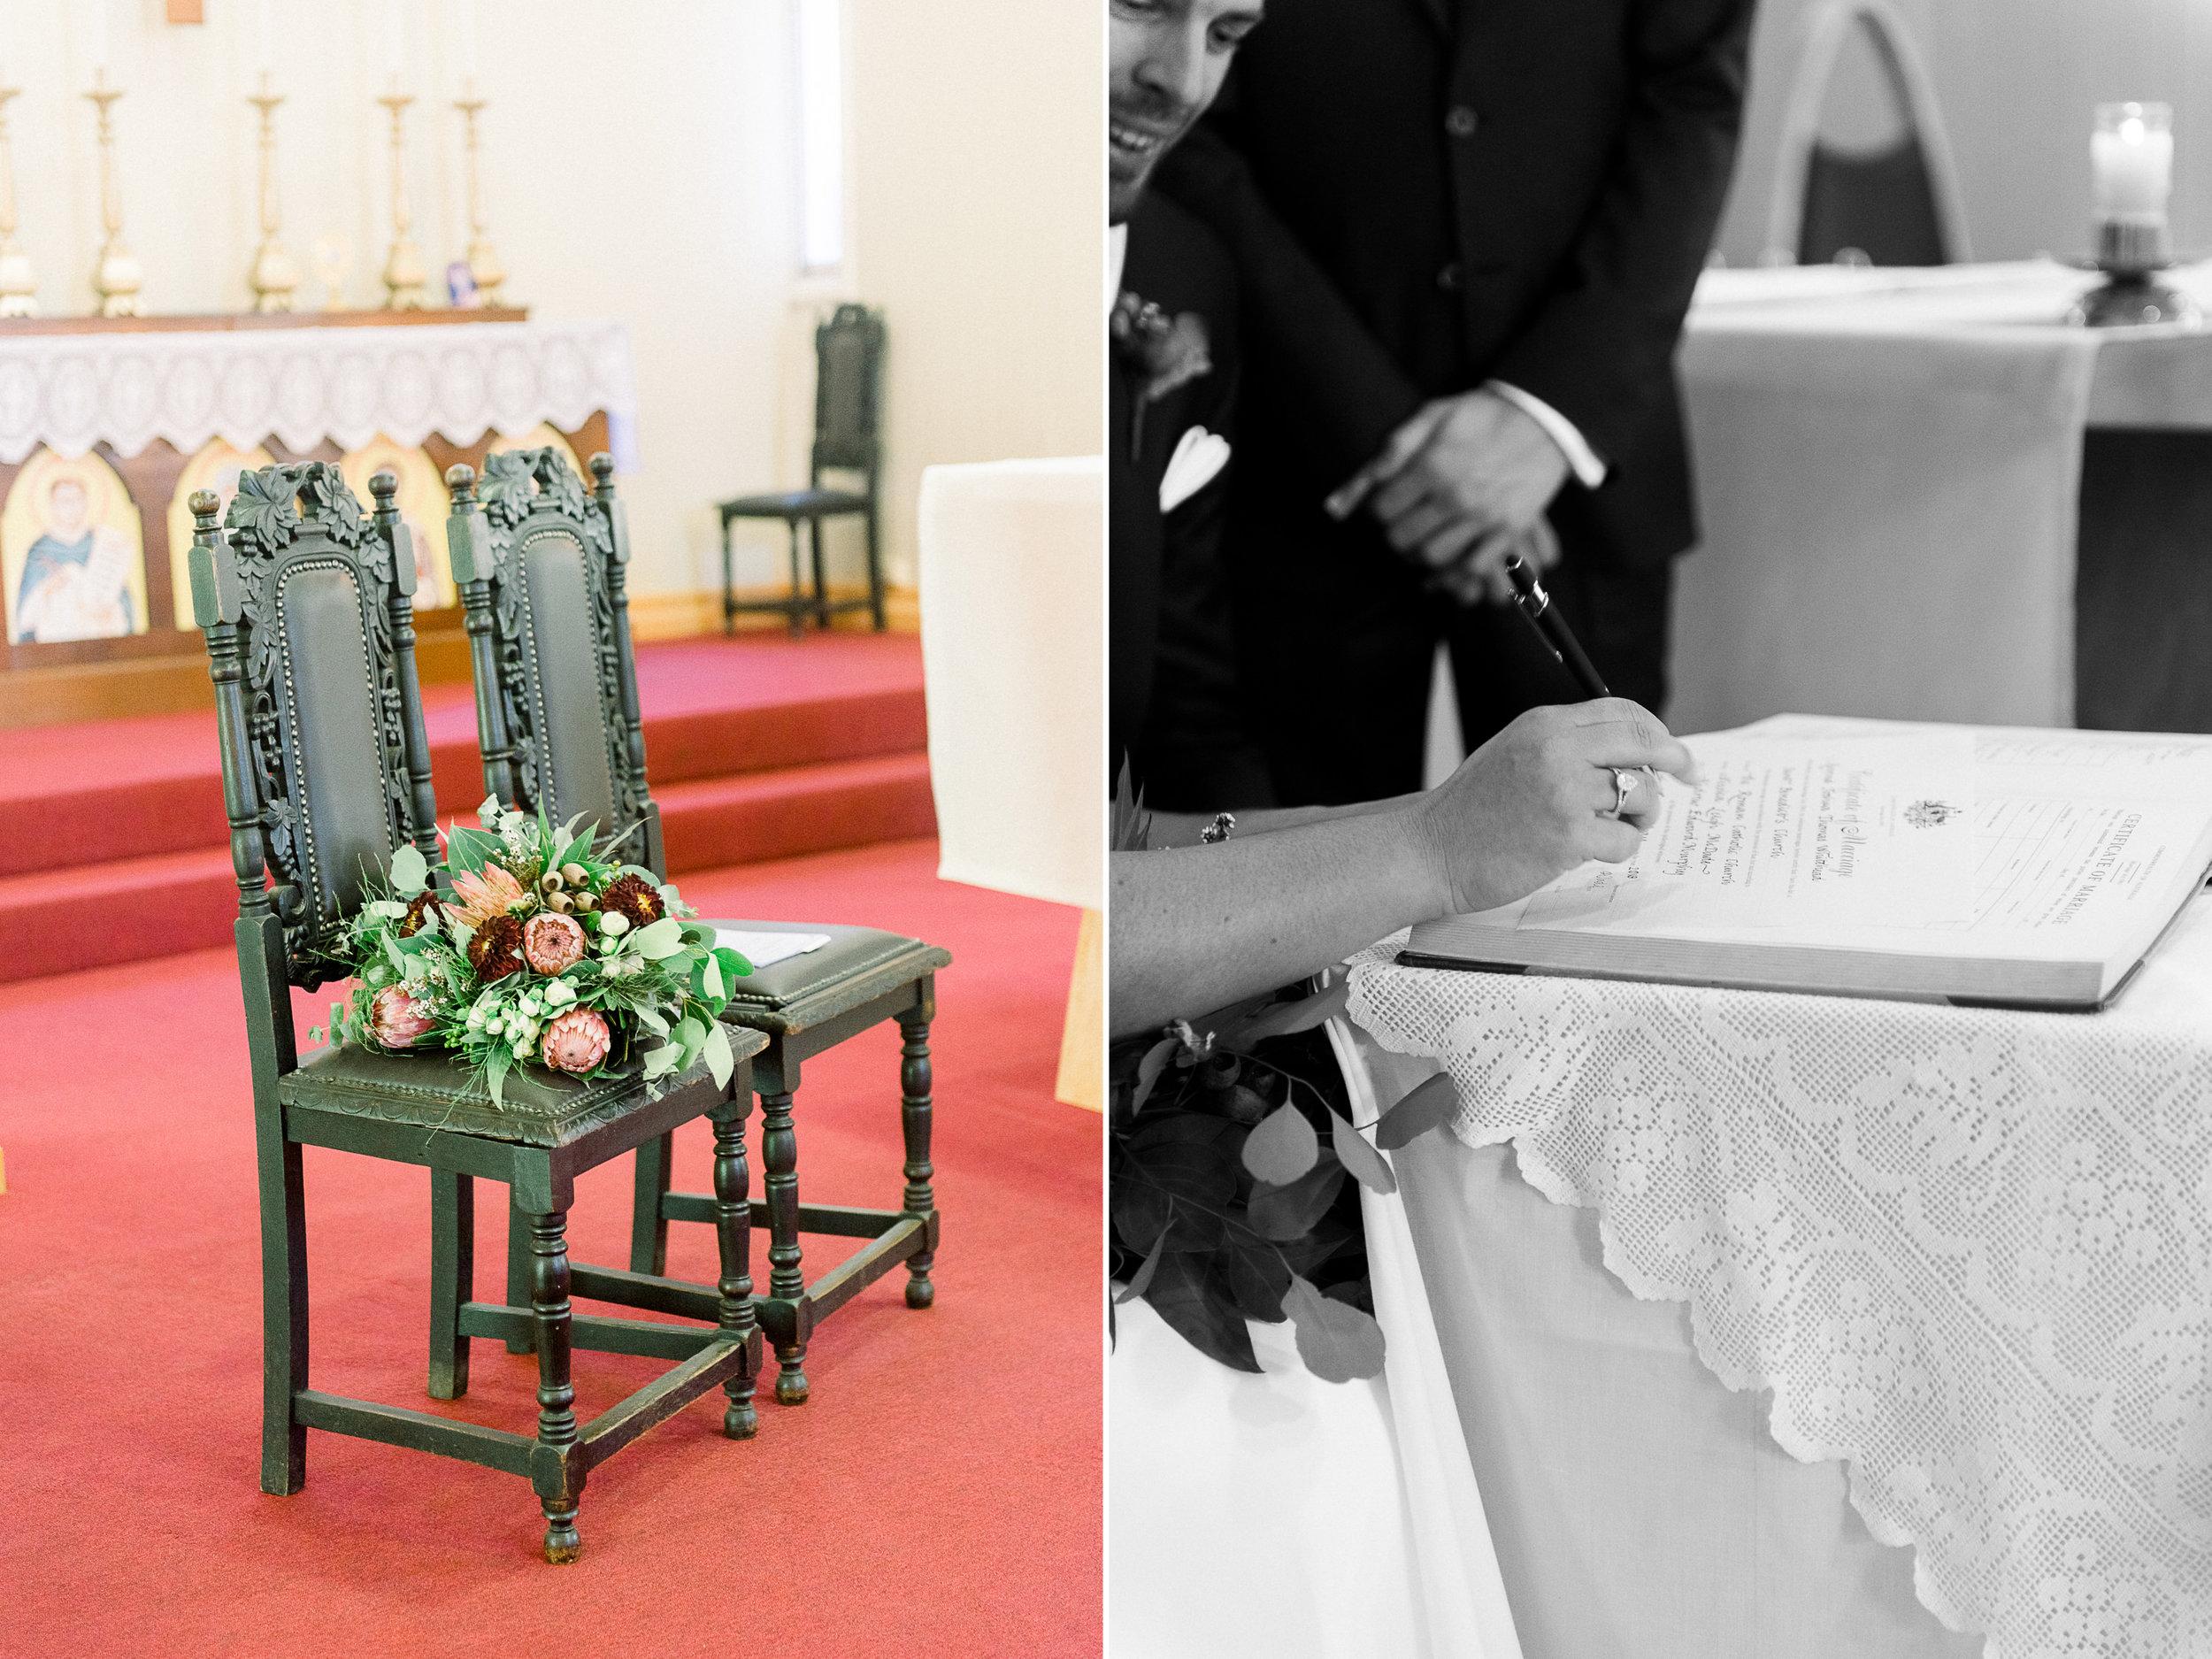 brisbane-city-wedding-photography-church-wedding-6.jpg